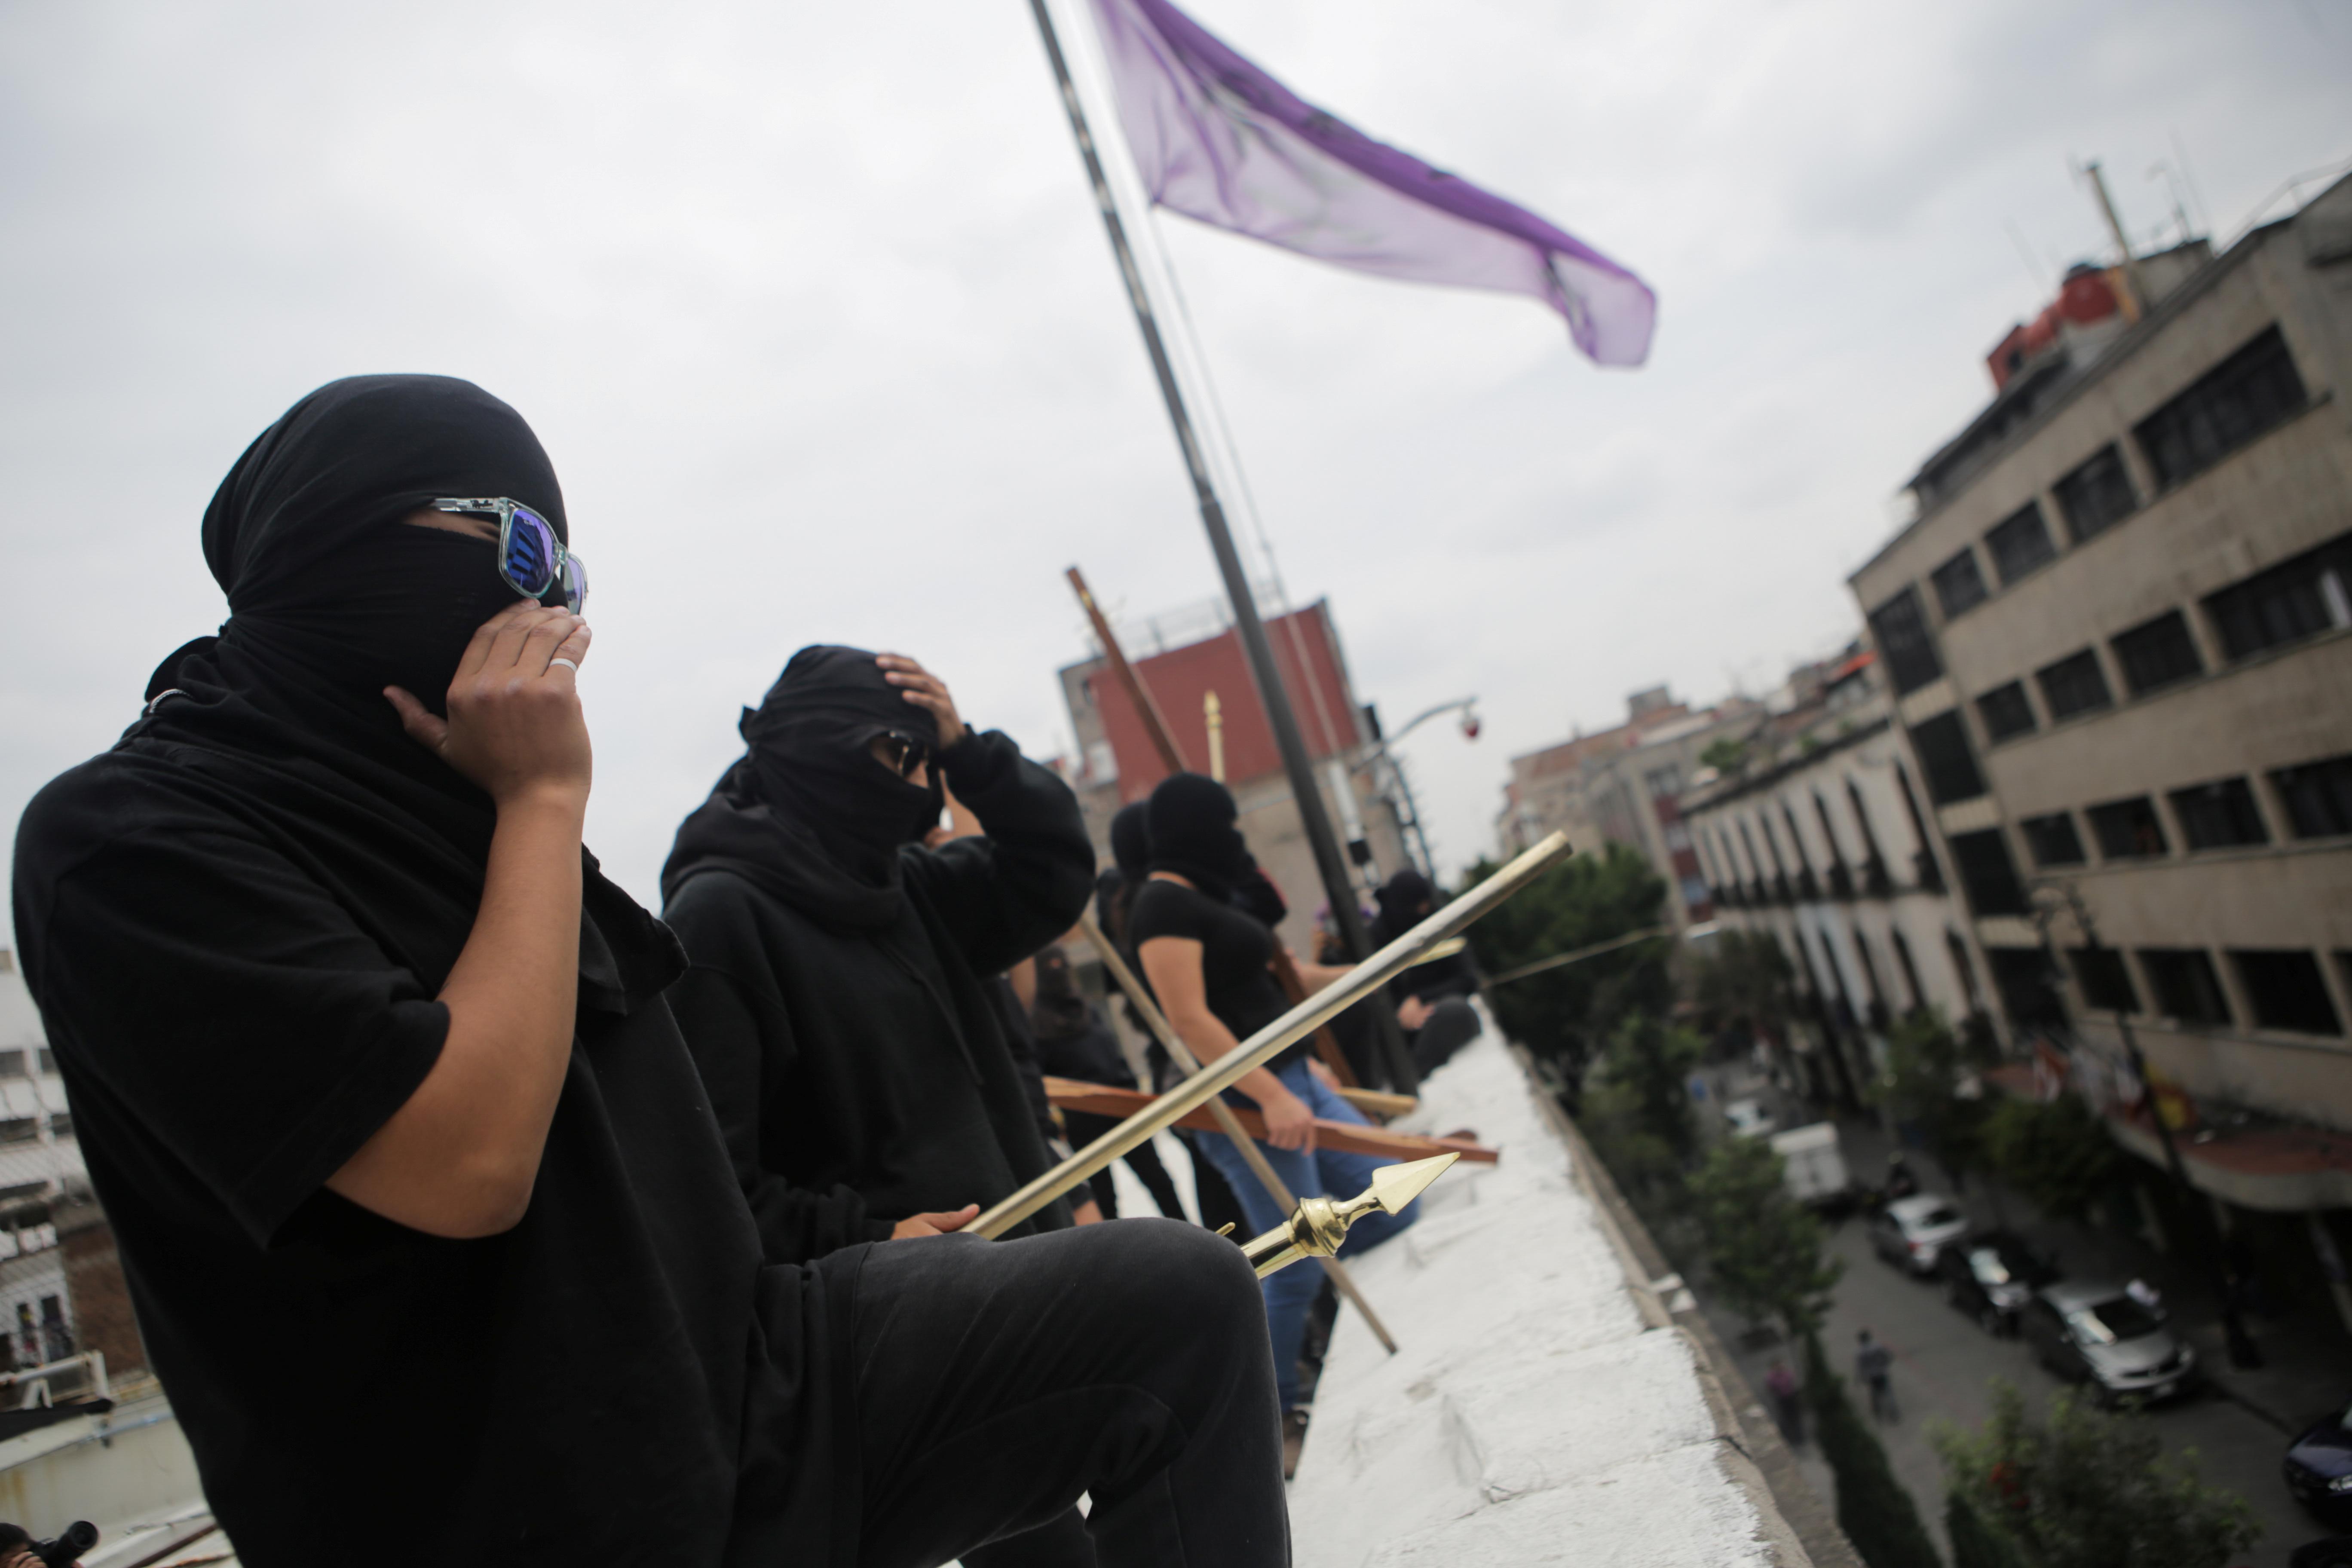 Integrante de un colectivo feminista mira por encima del techo tras ocupar las instalaciones del edificio de la Comisión Nacional de Derechos Humanos, en apoyo a víctimas de violencia de género, México 10 de septiembre de 2020. Foto tomada el 10 de septiembre de 2020.